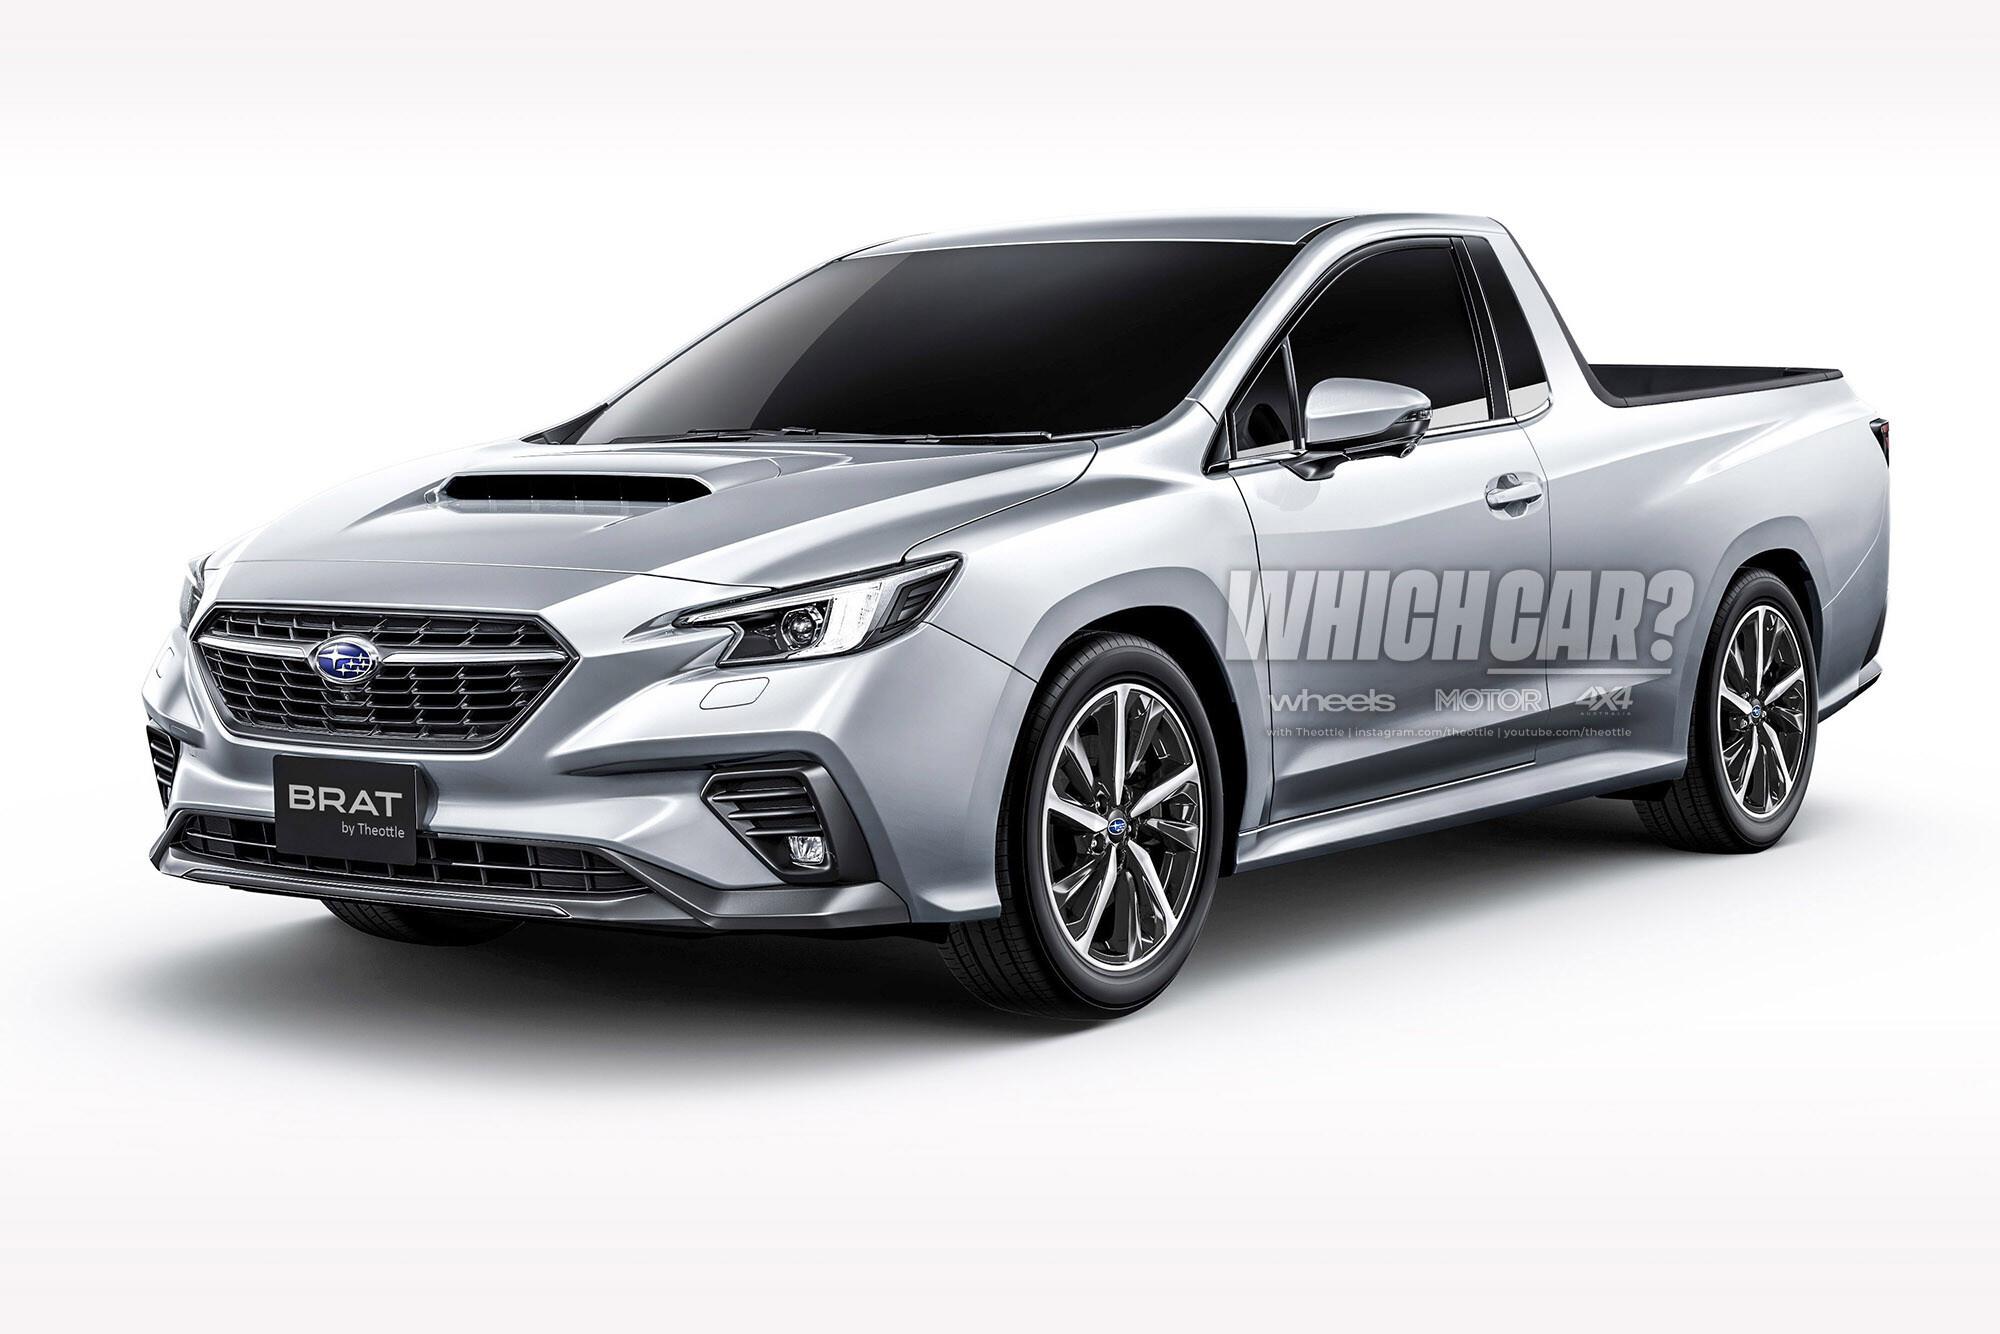 2025 Subaru Brumby (Subaru Brat) rendering